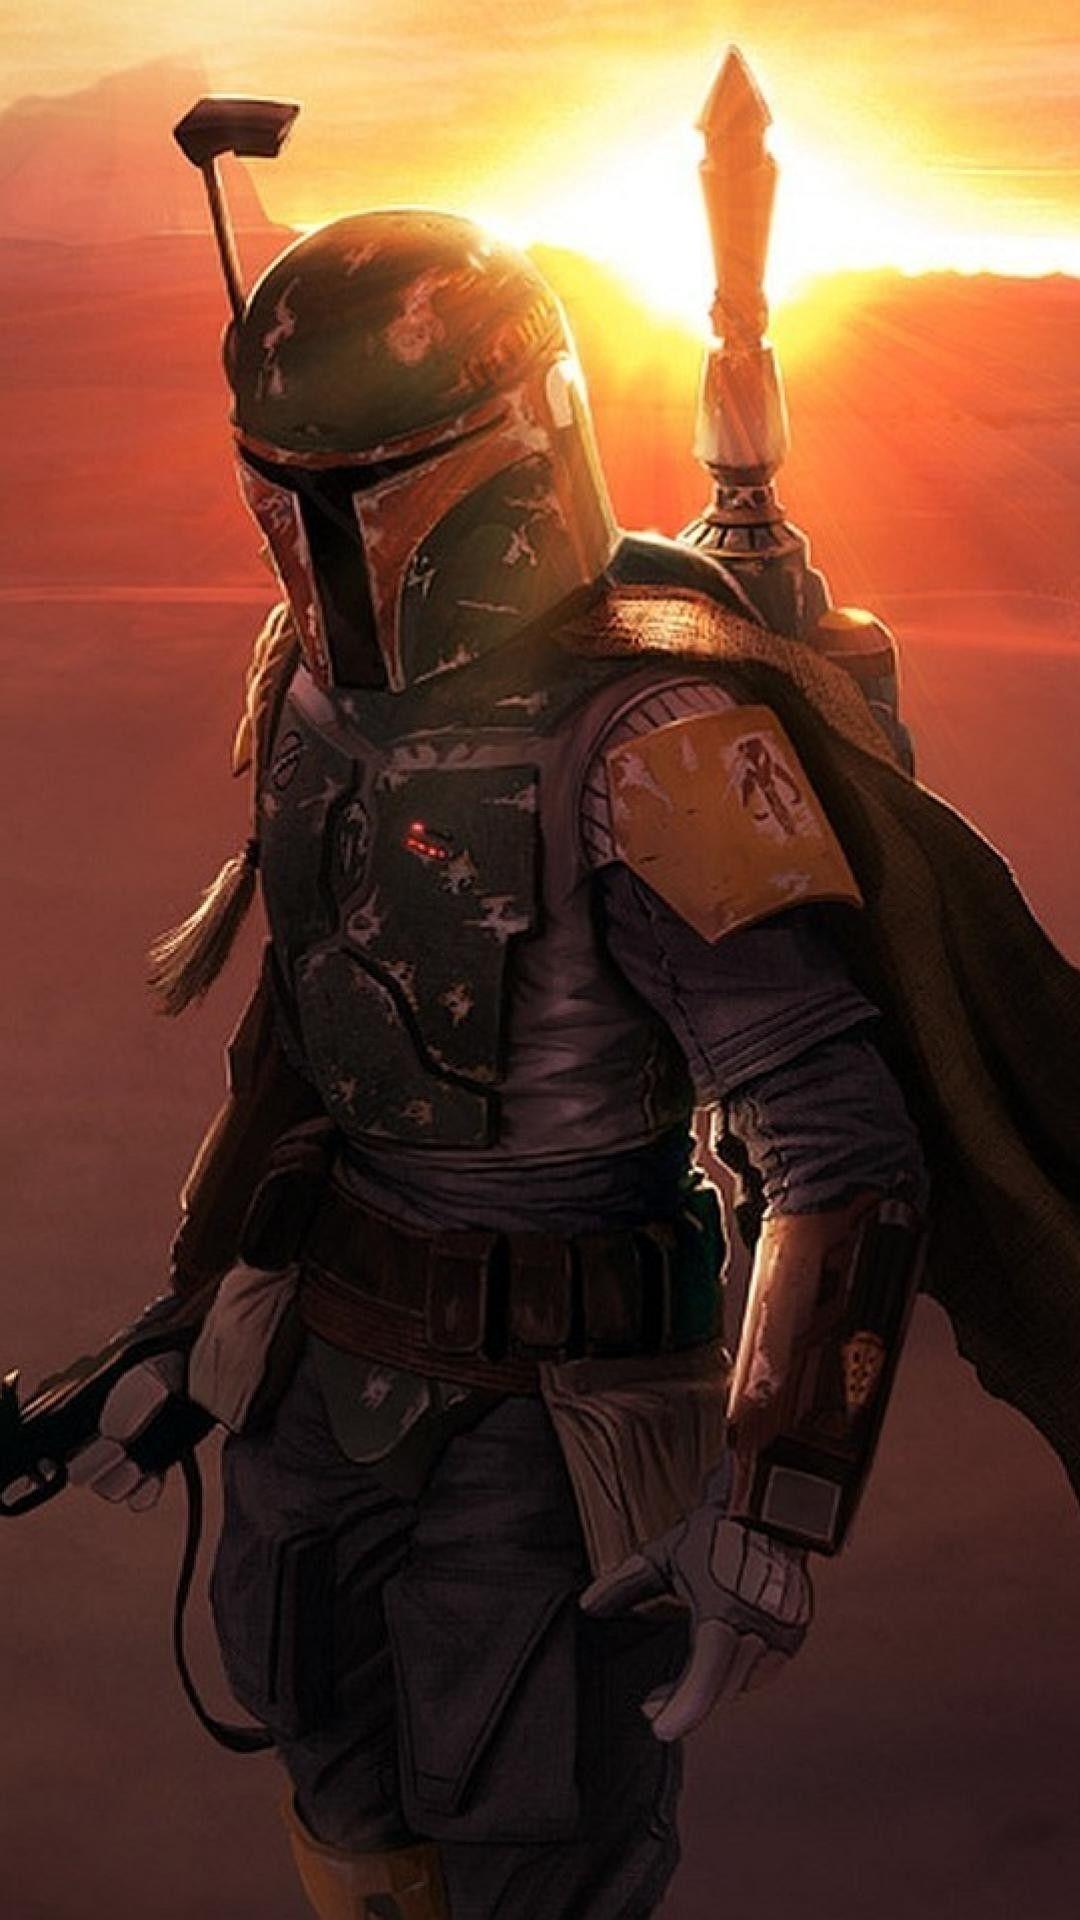 Tv Review The Mandalorian Strange Harbors Star Wars Background Boba Fett Wallpaper Star Wars Pictures